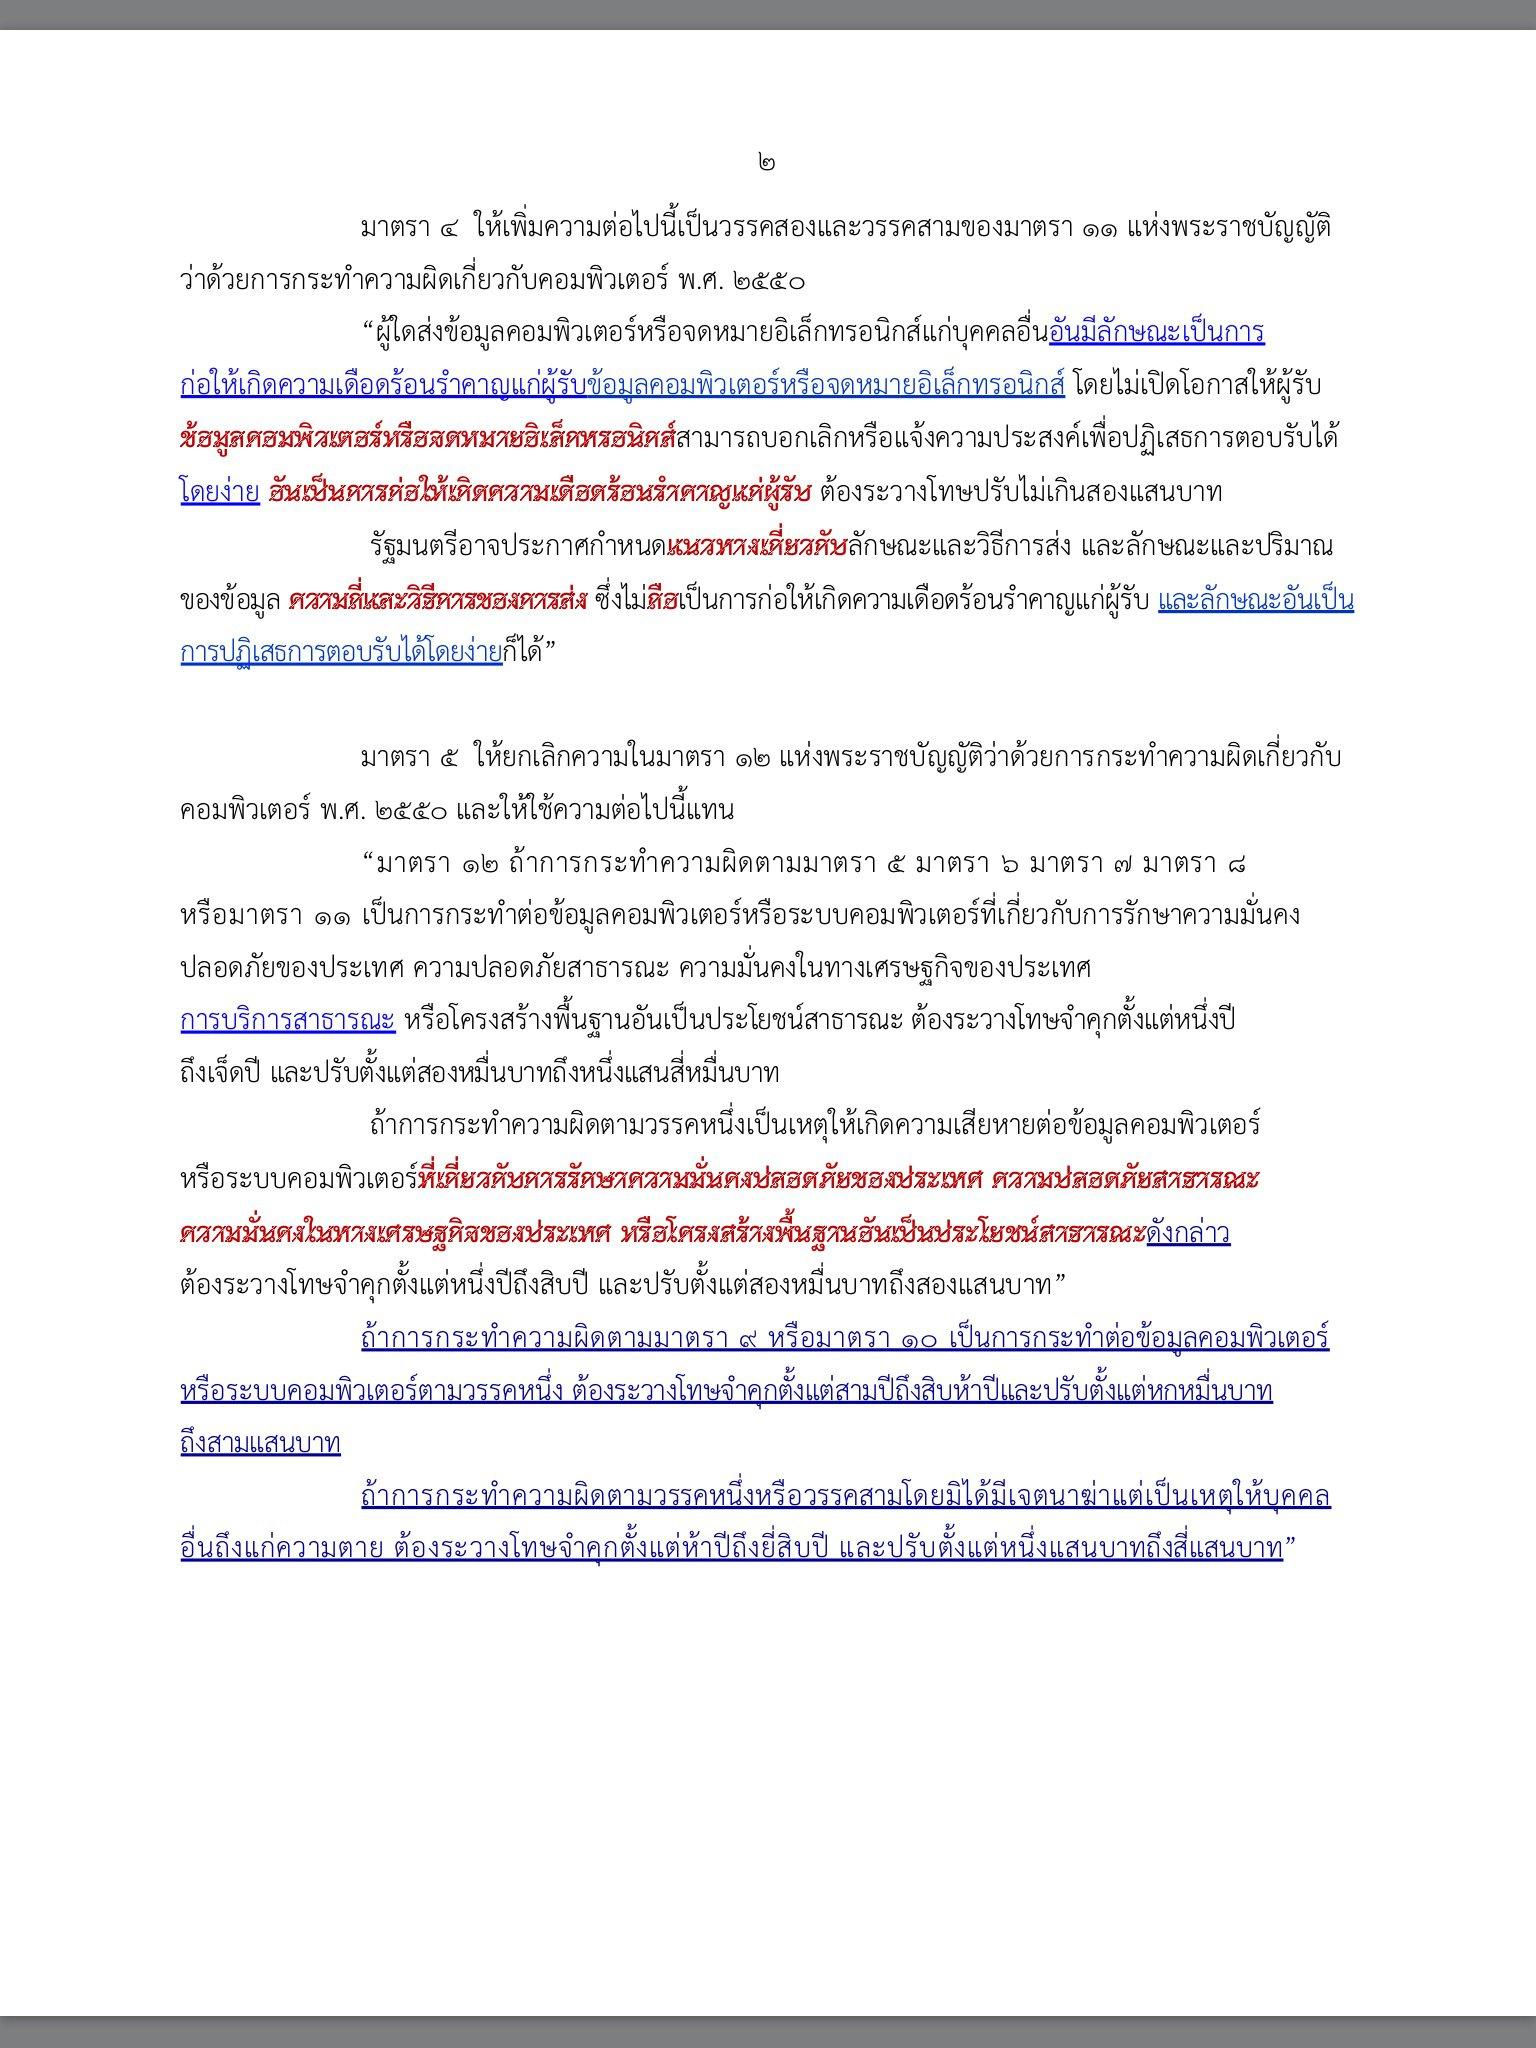 ed6ba53a-f6b7-45e3-a4f4-443aa373a0f7l0001